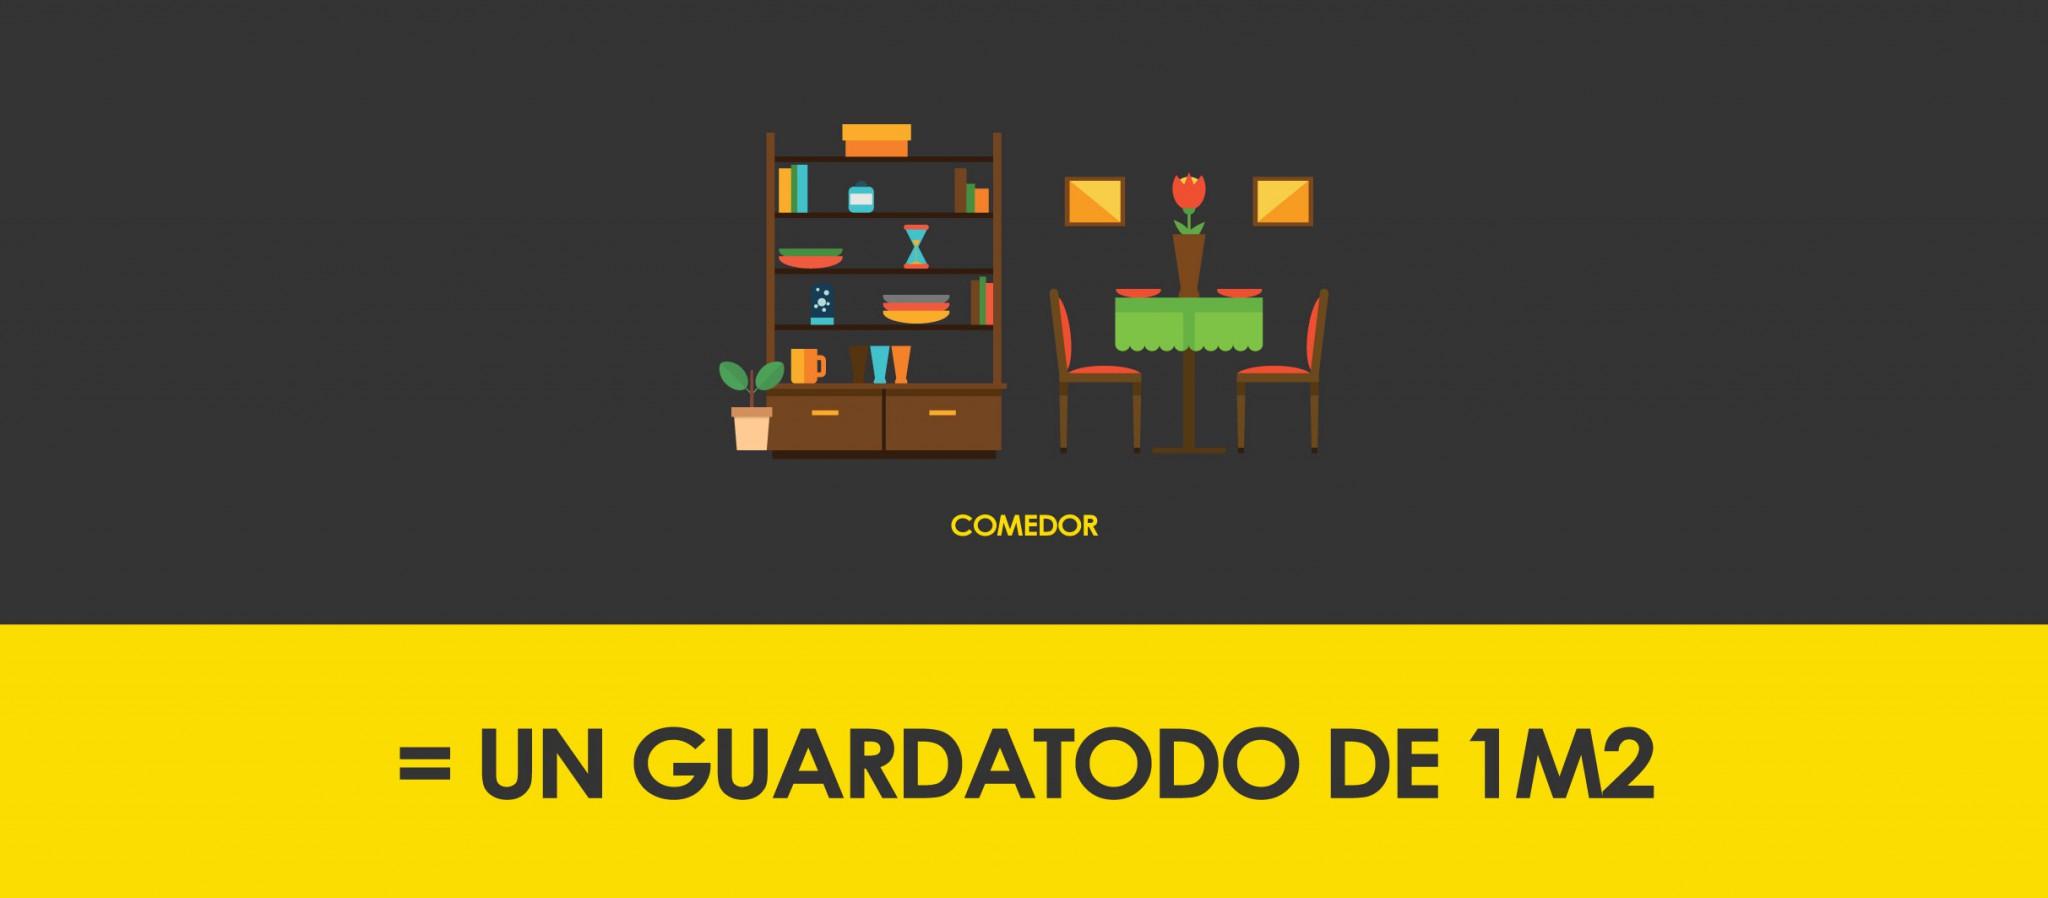 1M2 GUARDATODO-02